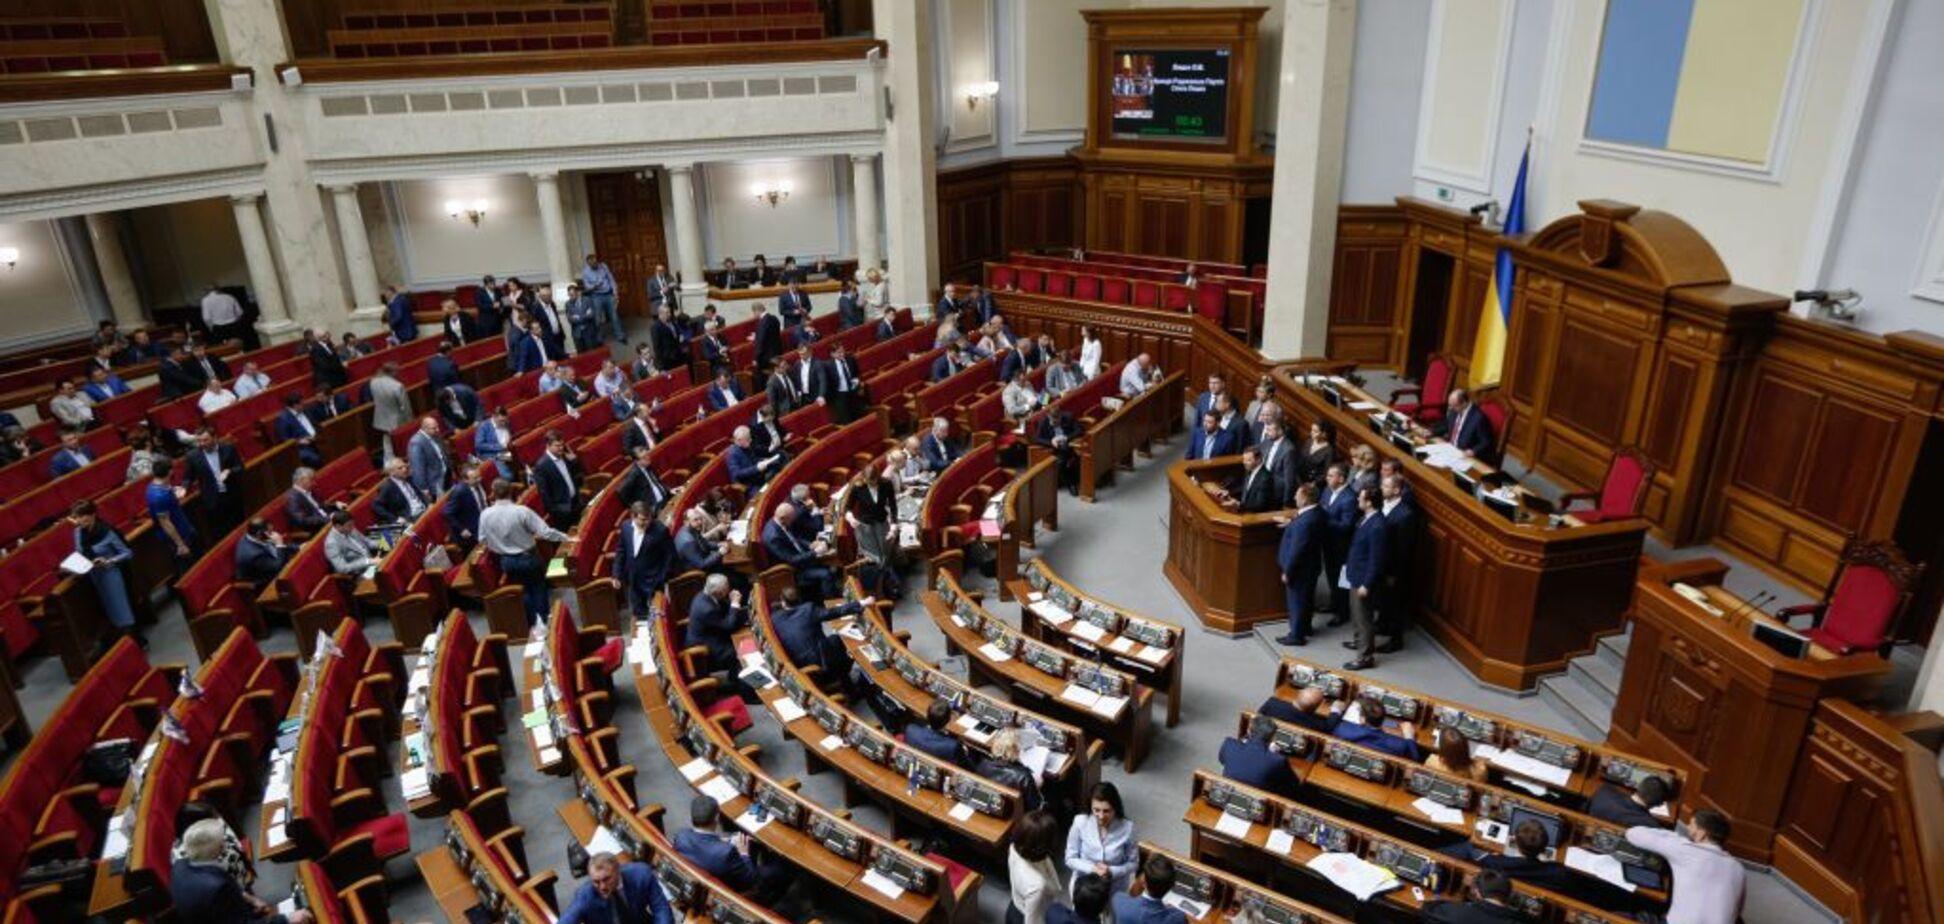 Воєнний стан в Україні: стало відомо про торги у Раді